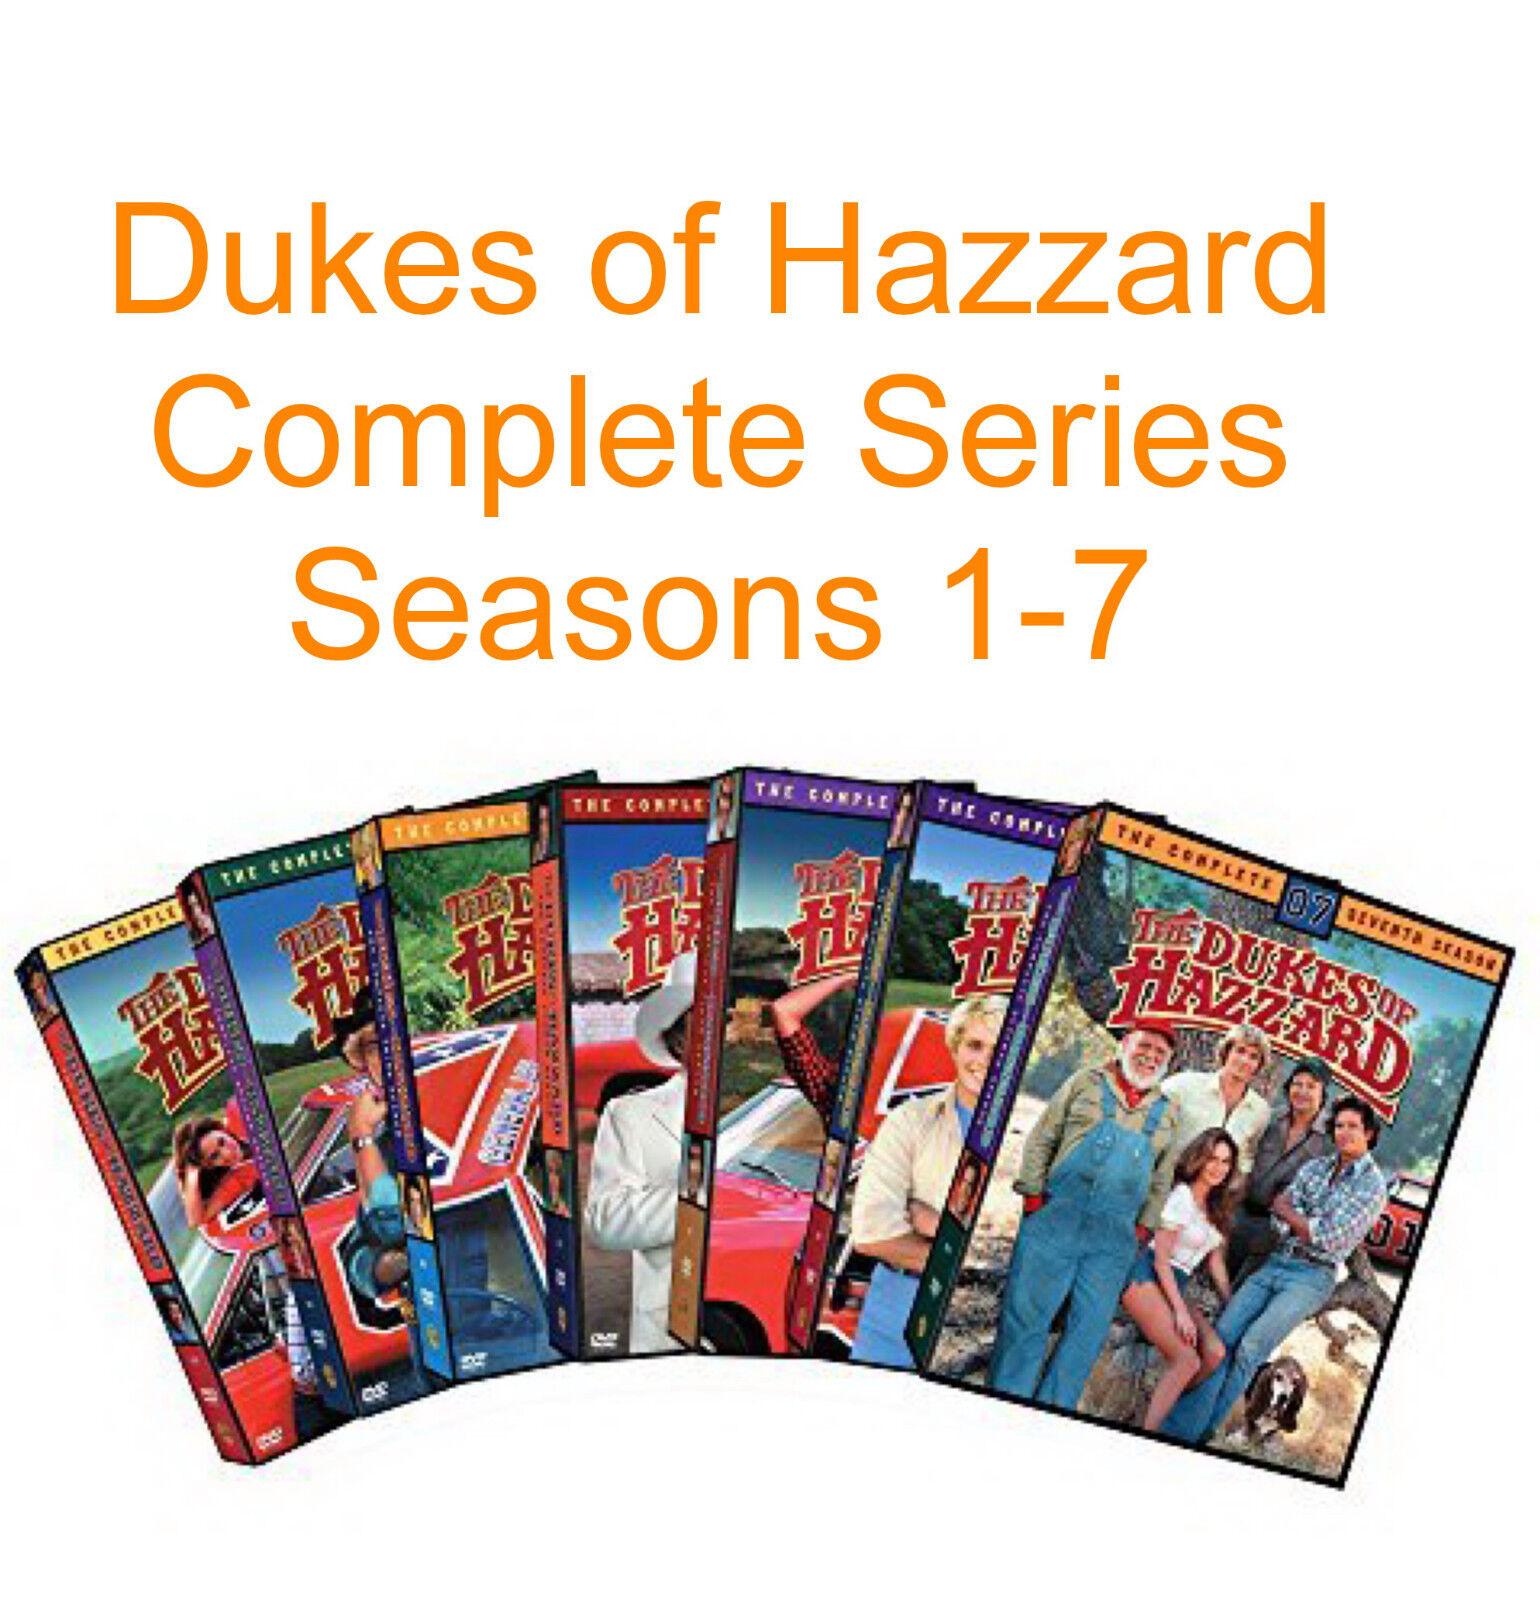 Купить Dukes of Hazzard The Complete TV Series Seasons 1 2 3 4 5 6 7 DVD Set - NEW